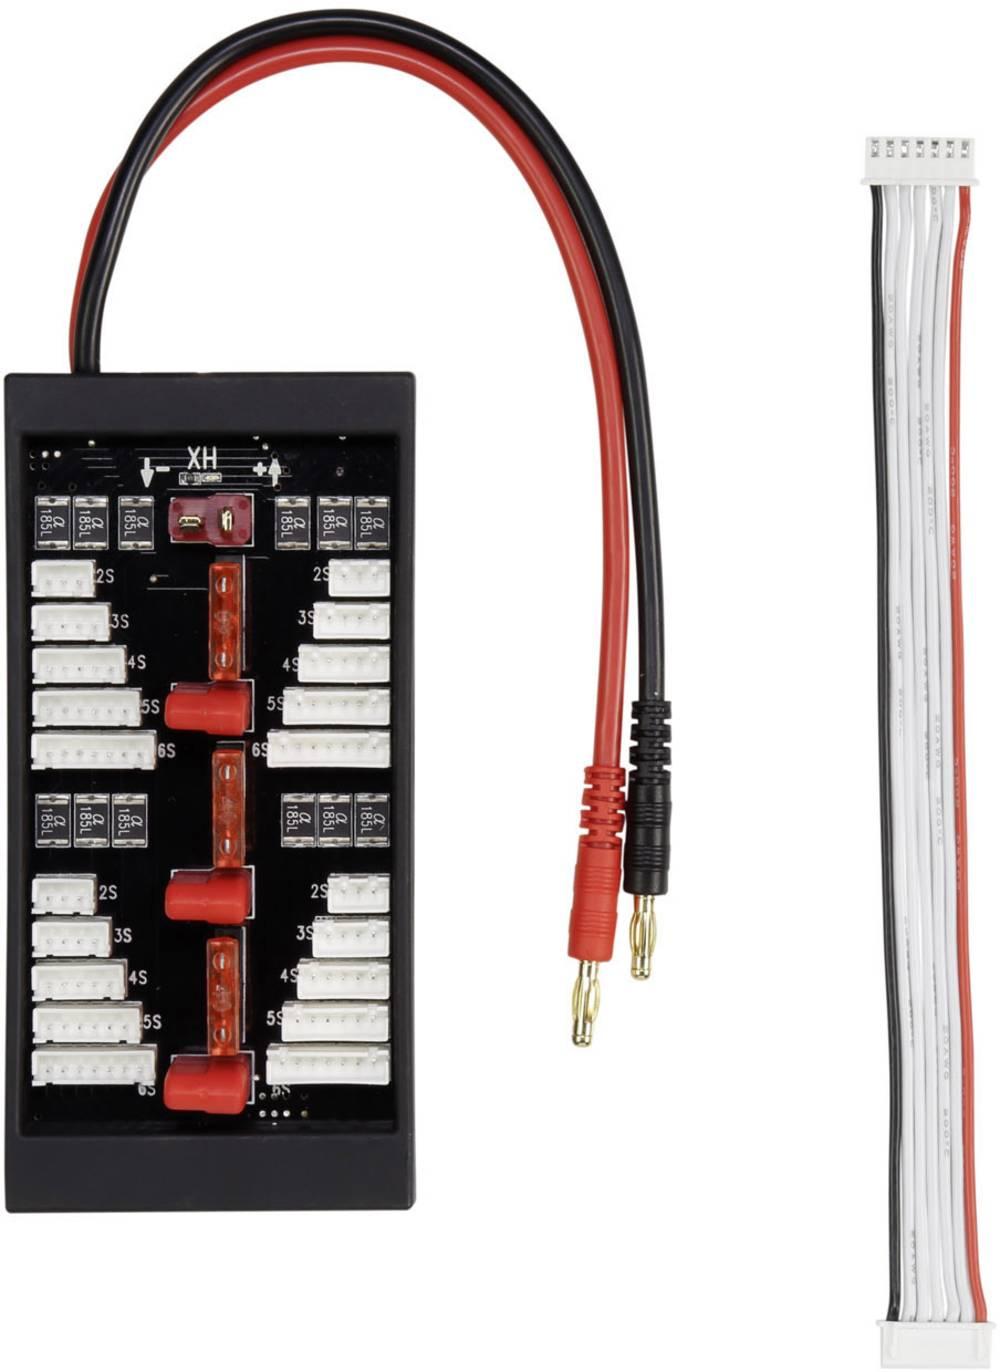 LiPo uravnalni adapter, izvedba polnilnika: banana vtič izvedba akumulatorja: T-vtični sistem, XH primeren za celice: 2 - 6 VOLT